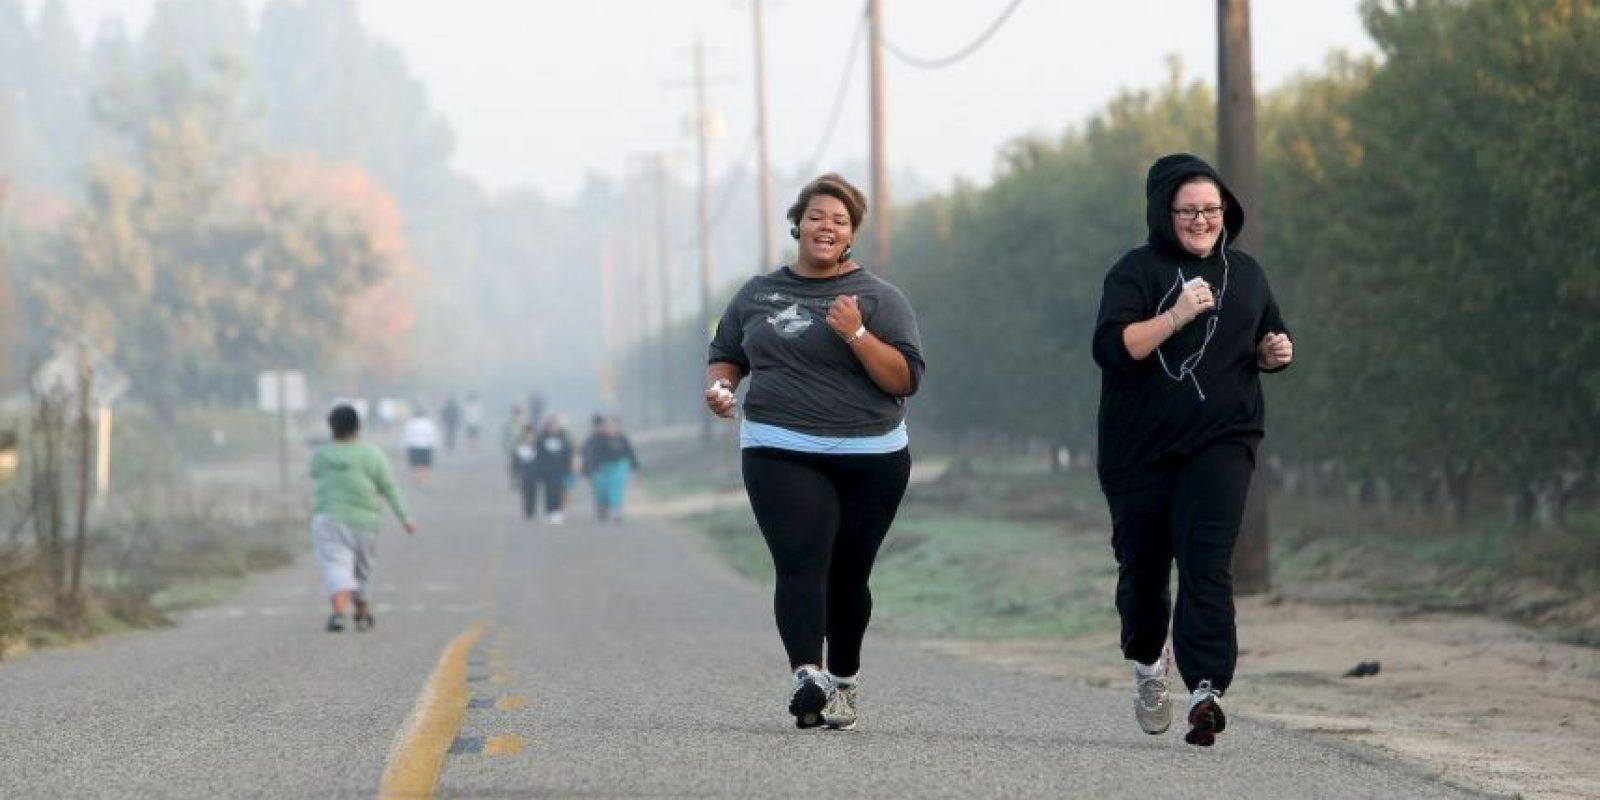 5. Si subiste más de 8 % de tu peso el último mes, es importante que acompañes el tratamiento con algún tipo de terapia (cognitivo conductual). Foto:Getty Images